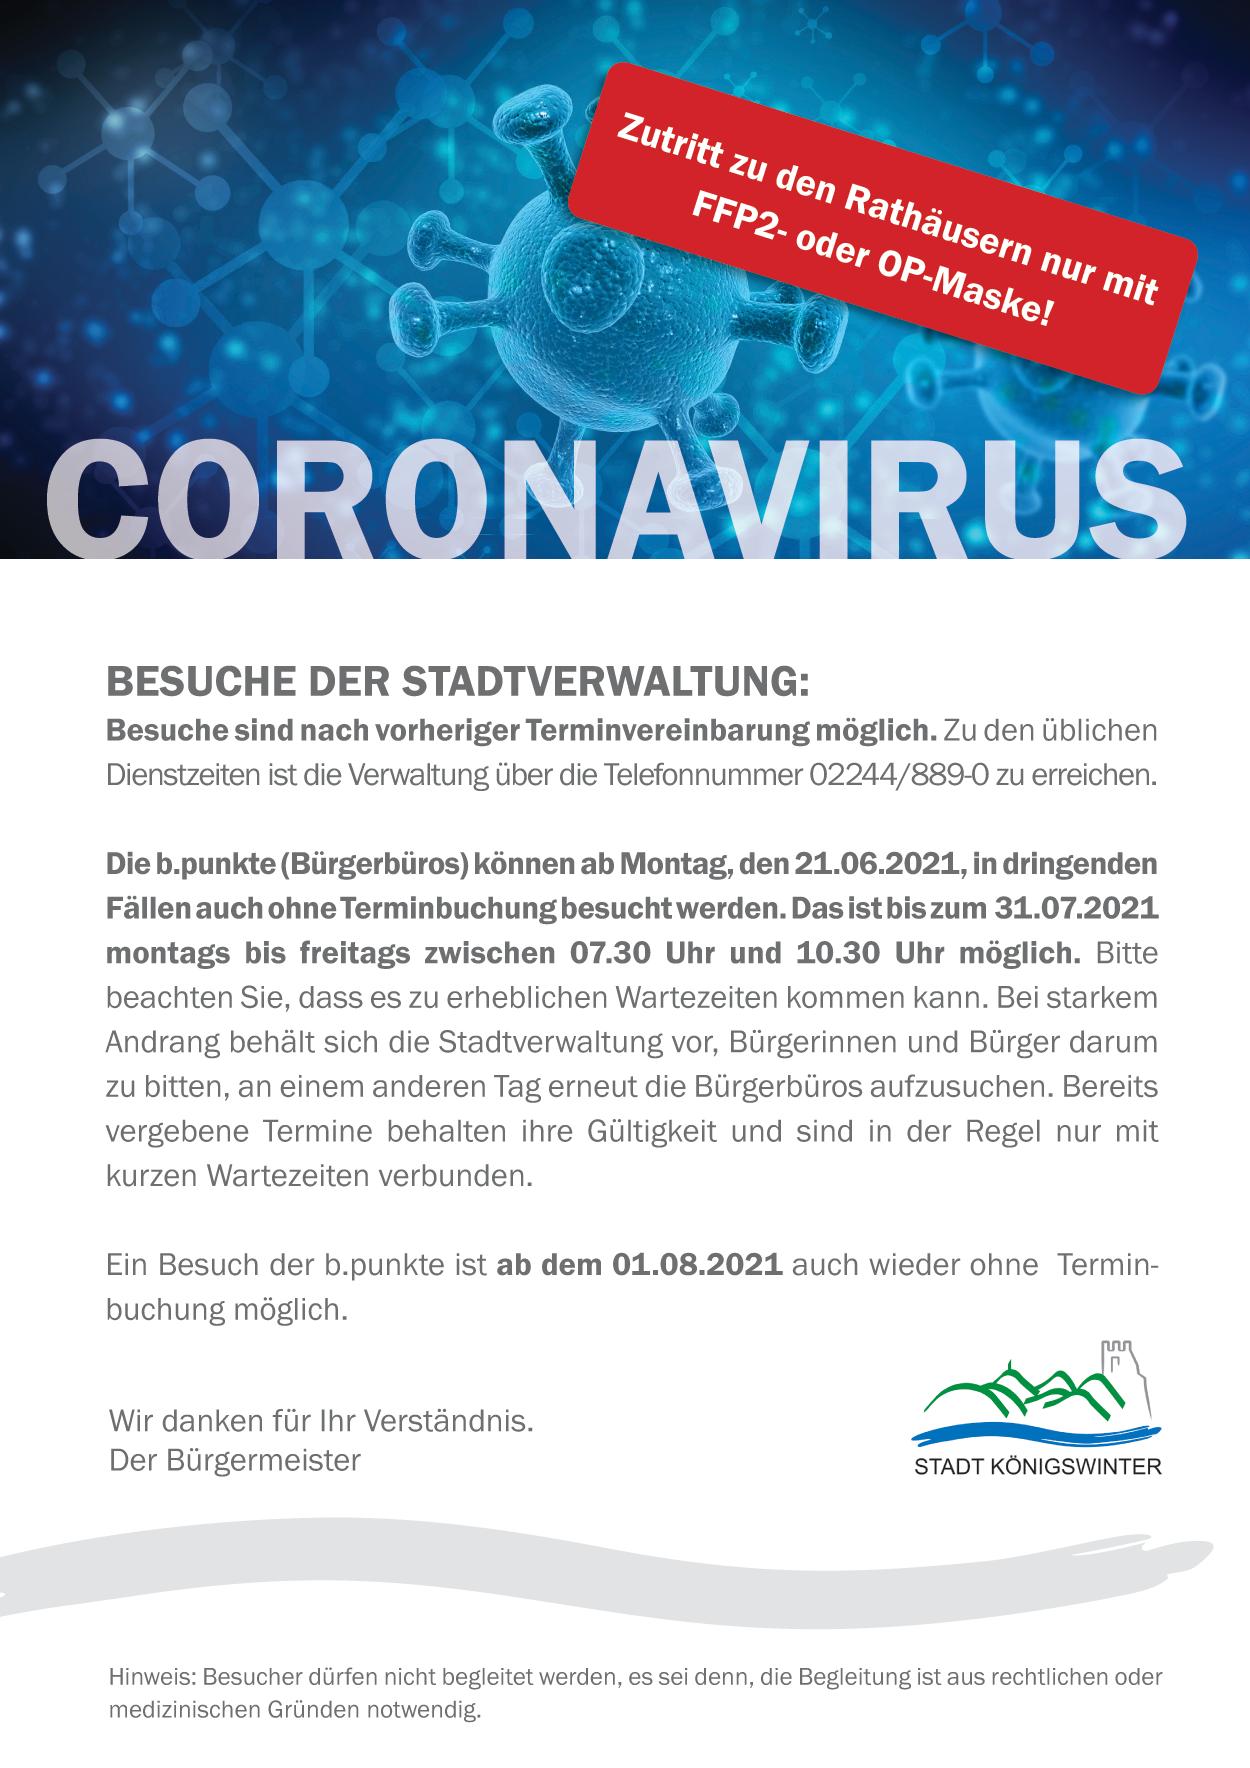 Besuche der Stadtverwaltung / b.punkte bis 31.07.21